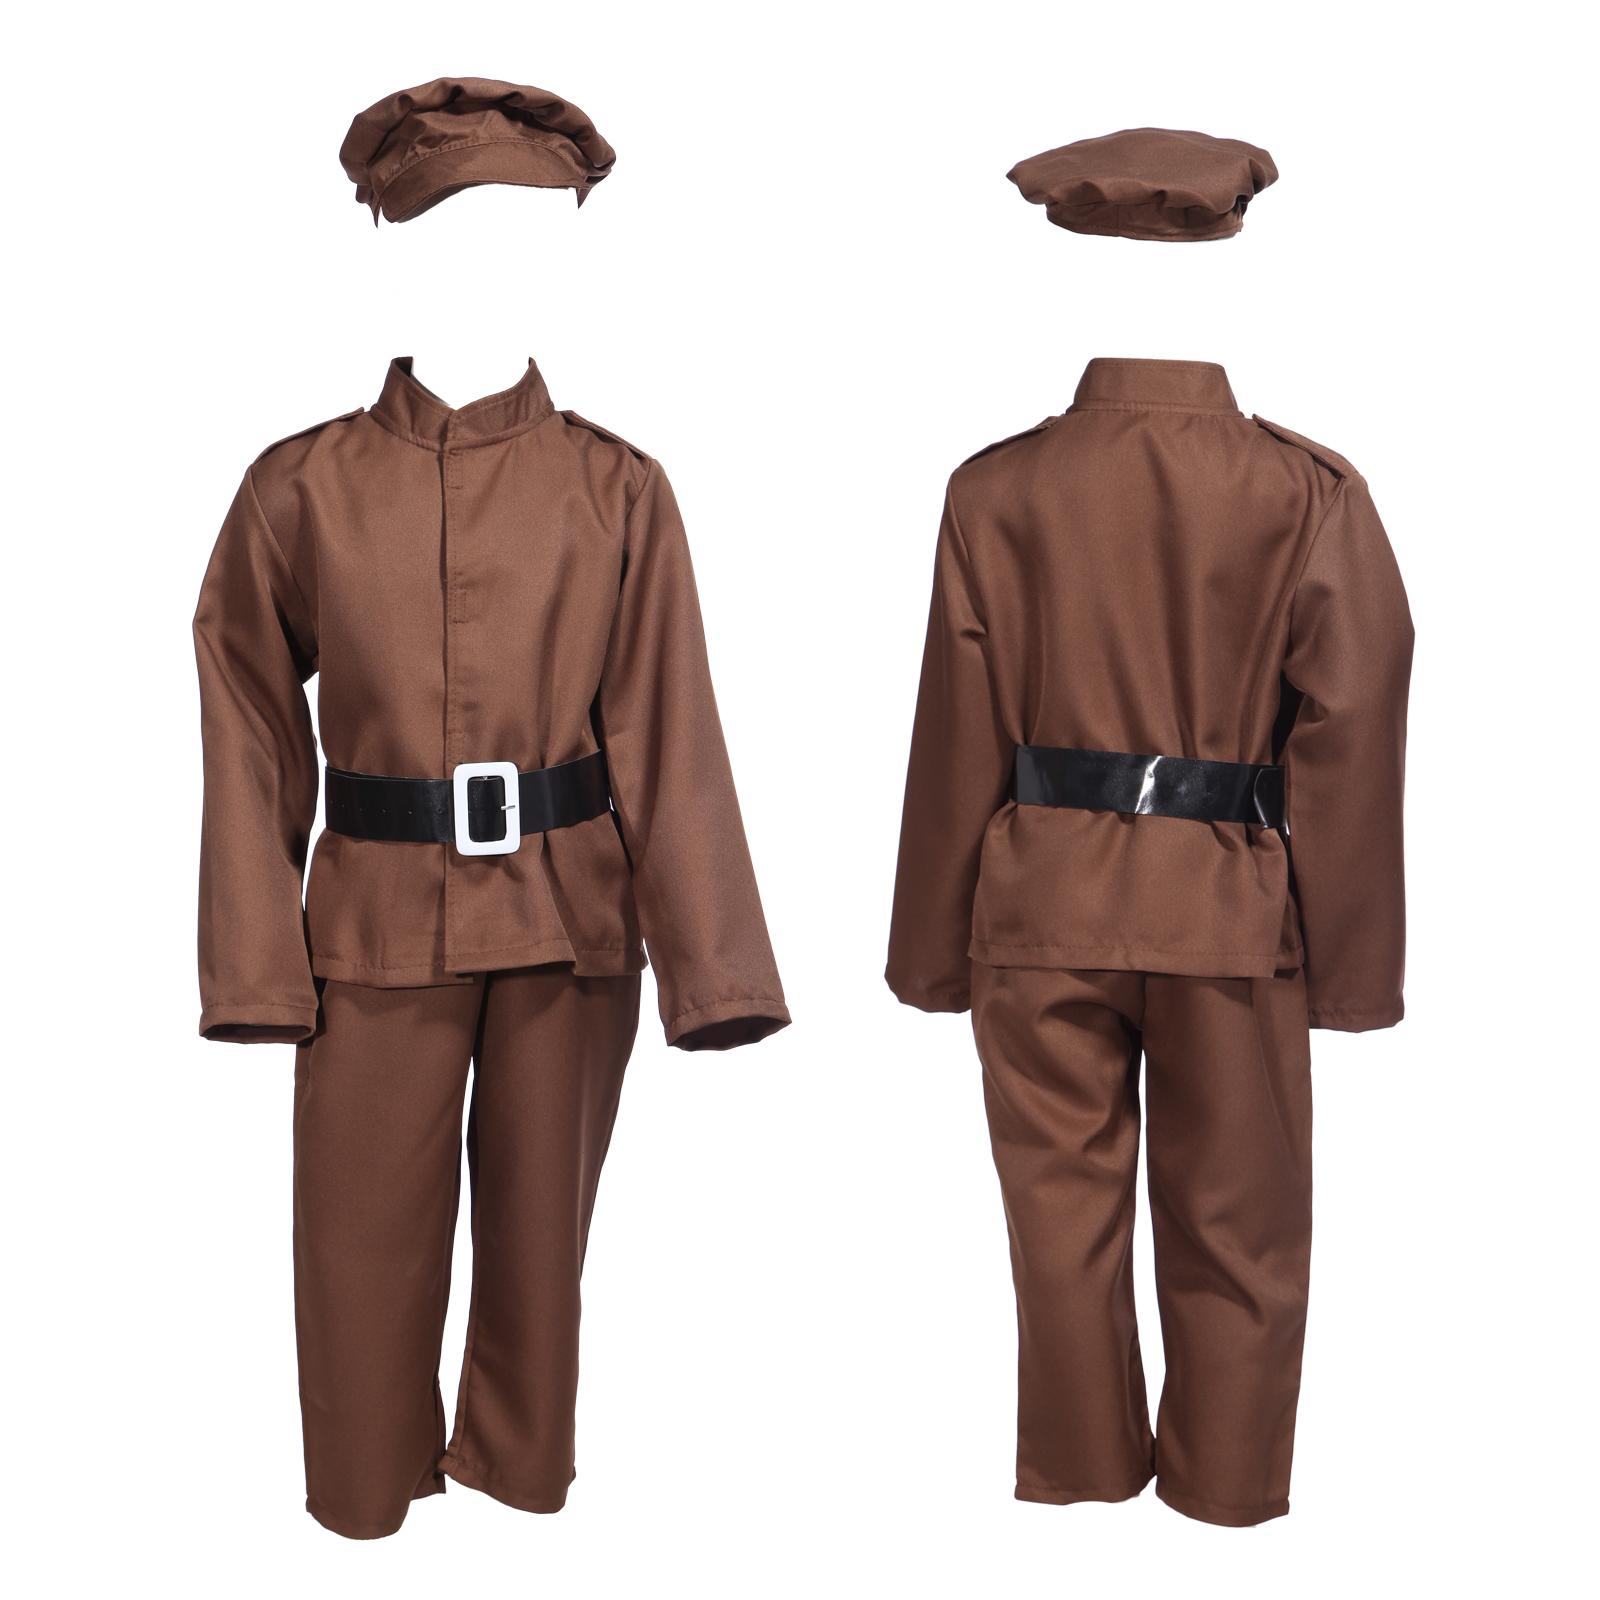 deguisement costume tenue pantalon militaire soldat ww2 enfant garcon 6 12 ans. Black Bedroom Furniture Sets. Home Design Ideas